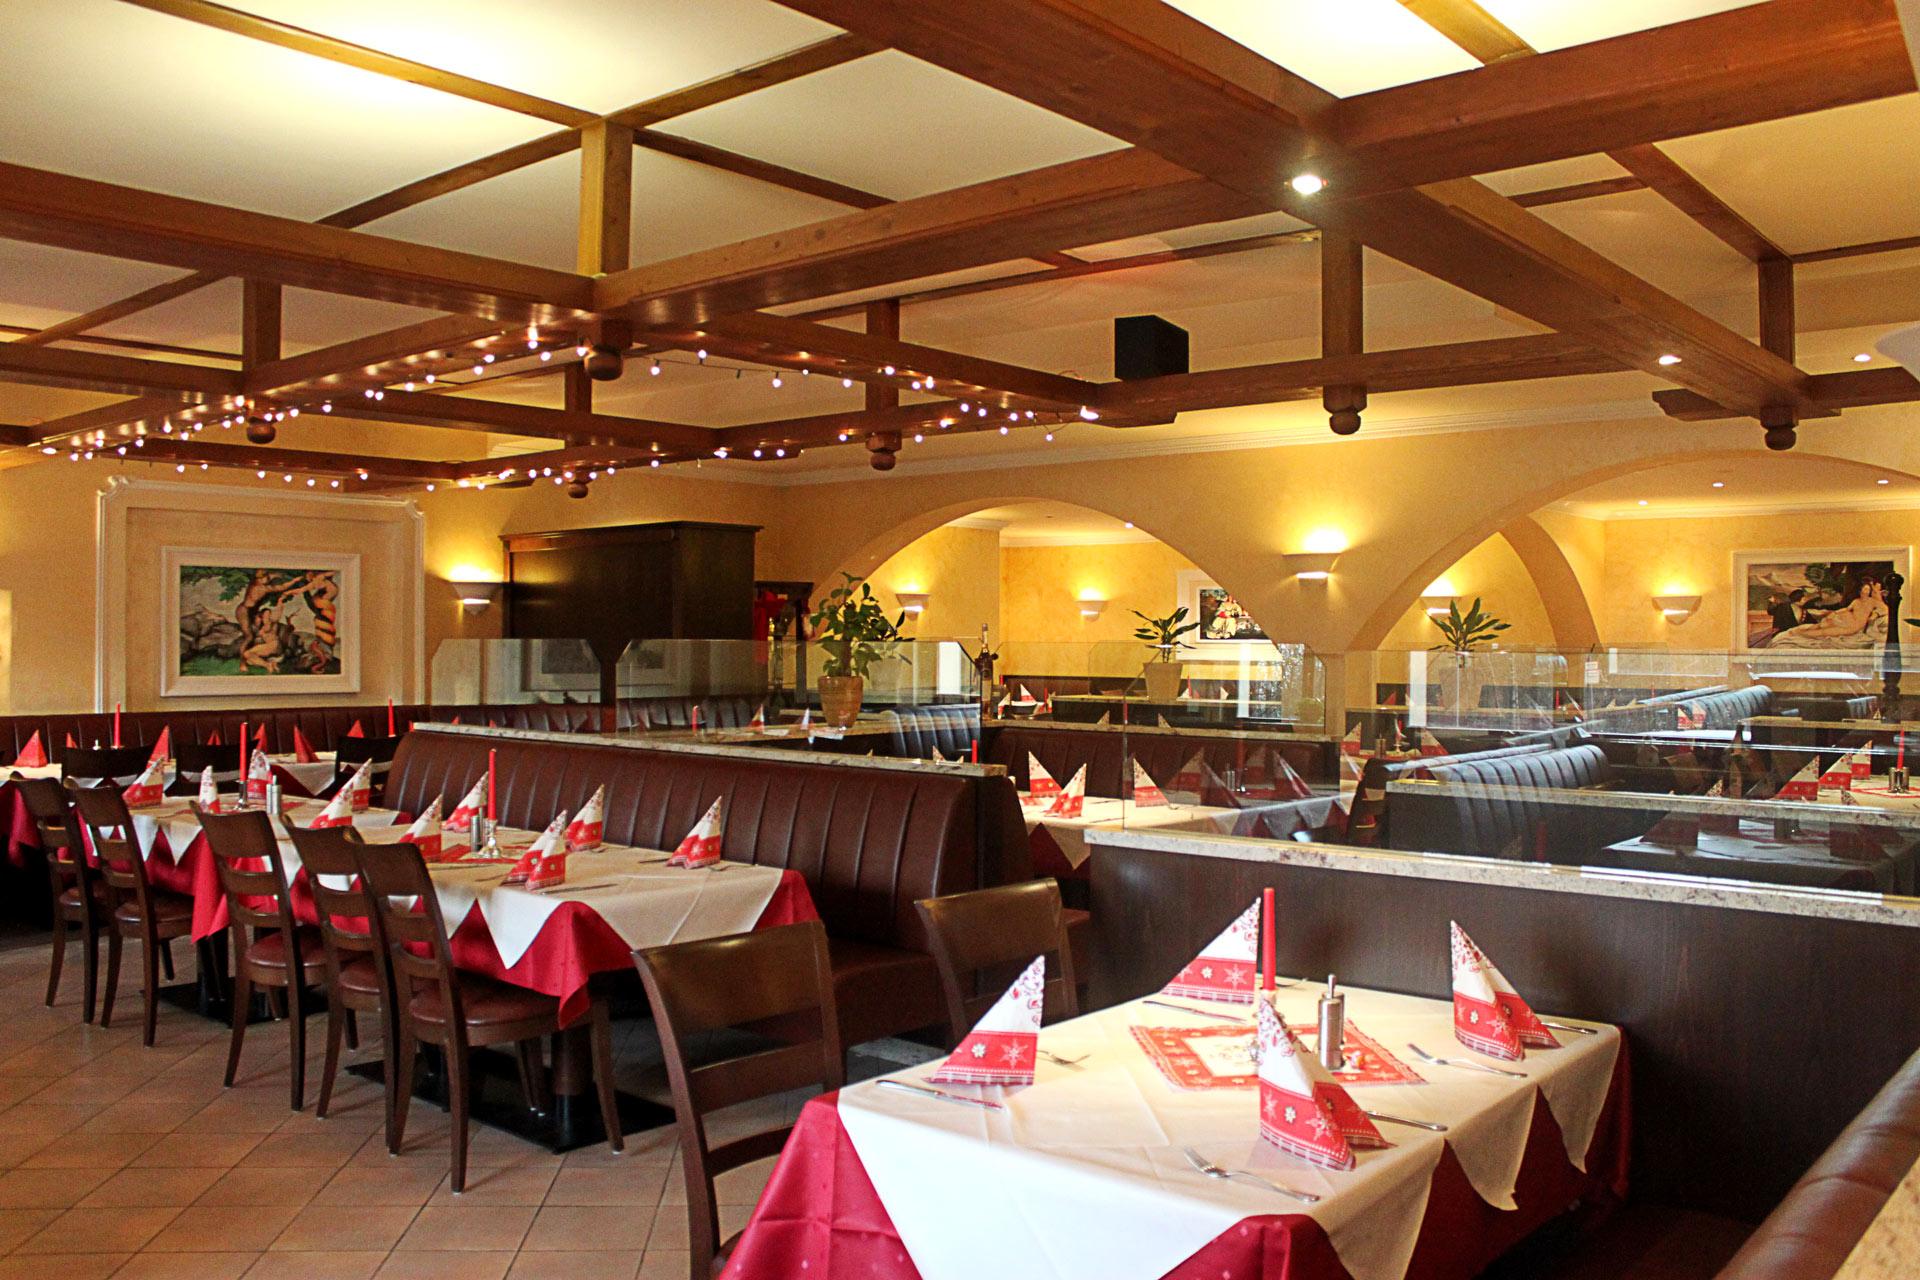 Buchberggrill Das italienische Restaurant